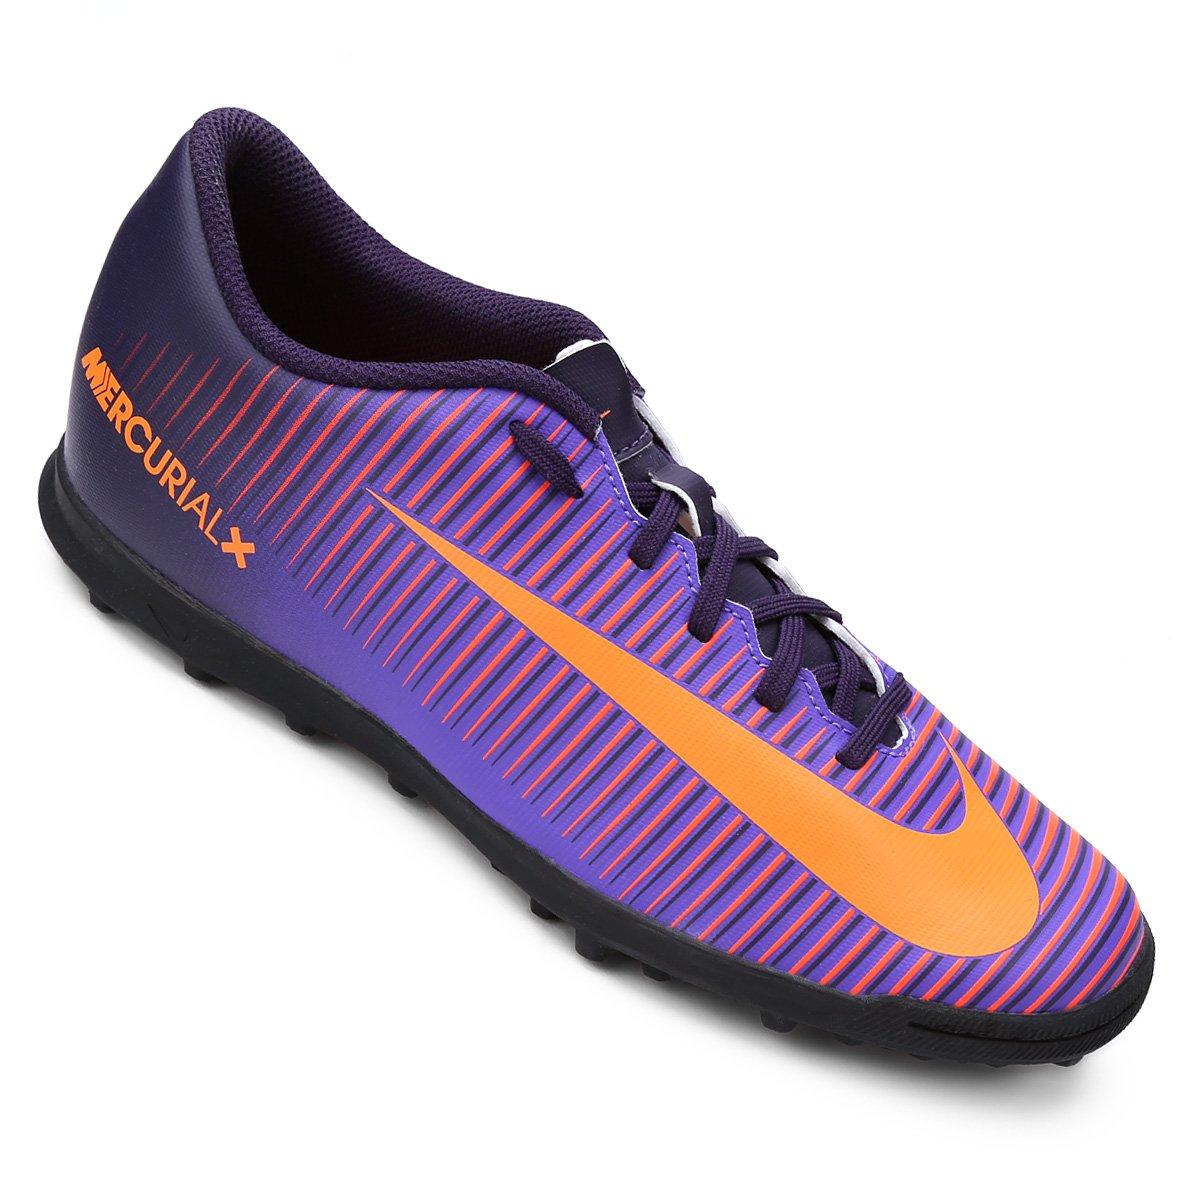 Chuteira Society Nike Mercurial Vortex 3 TF Masculina - Roxo ... a1266f8dcb888